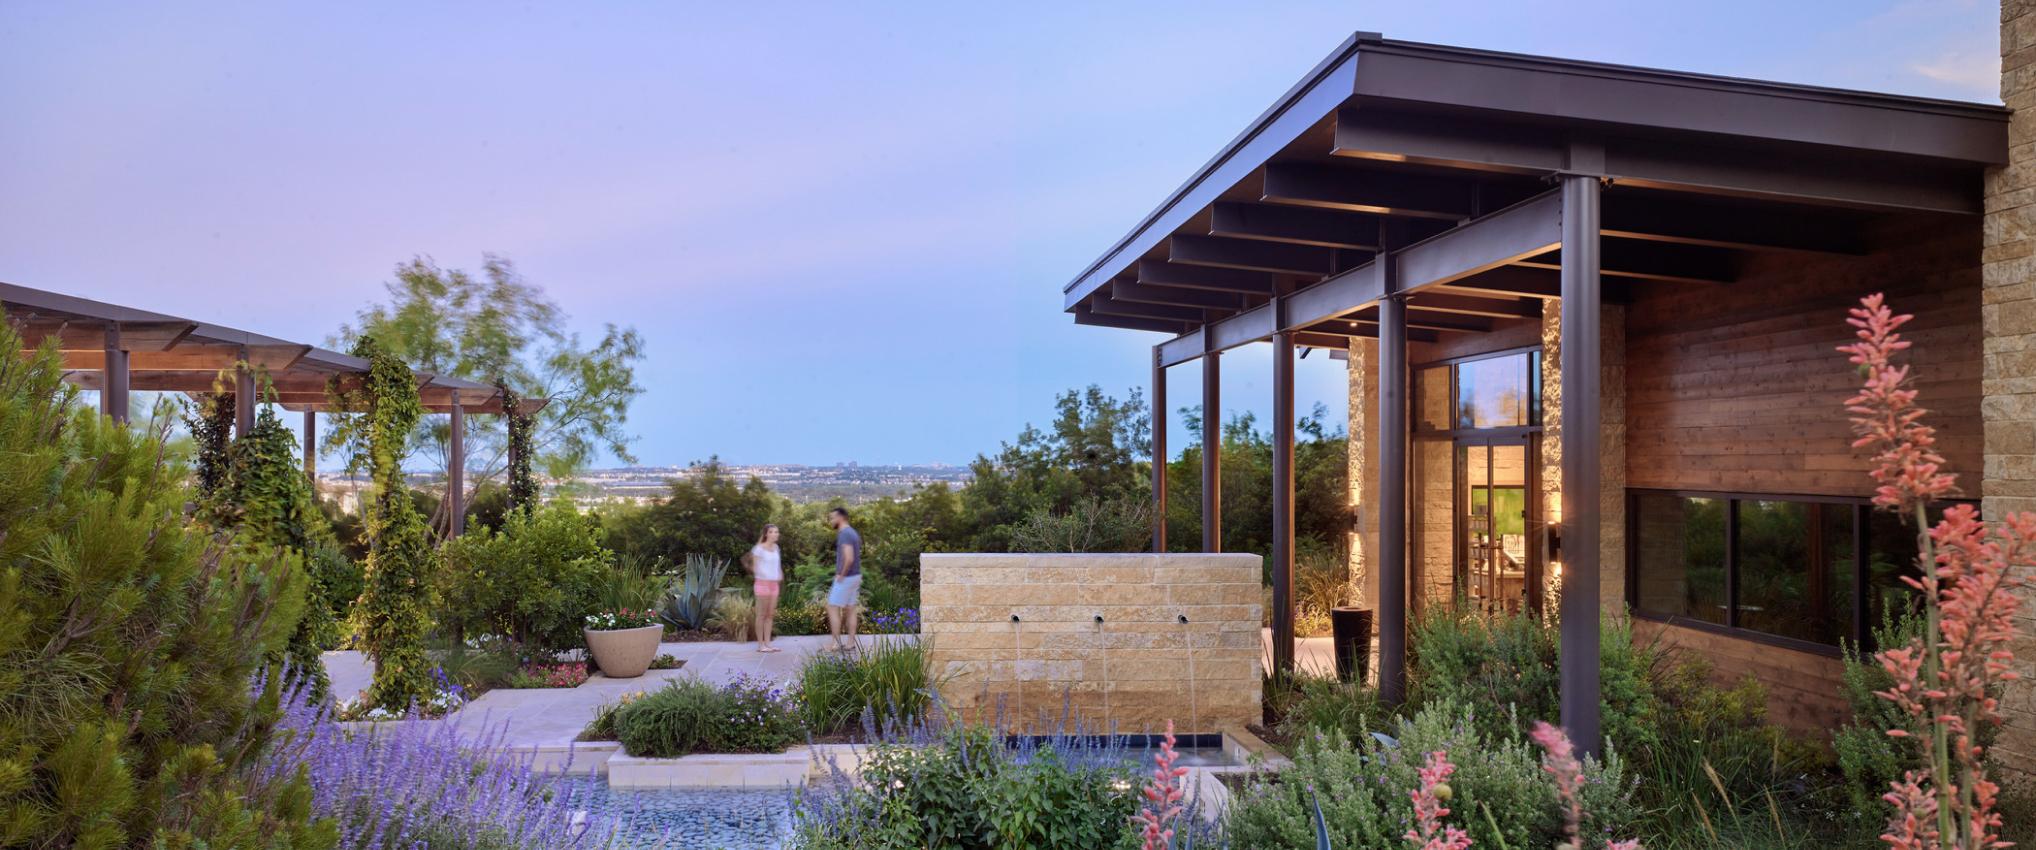 Loma de Vida Spa & Wellness at La Cantera Resort